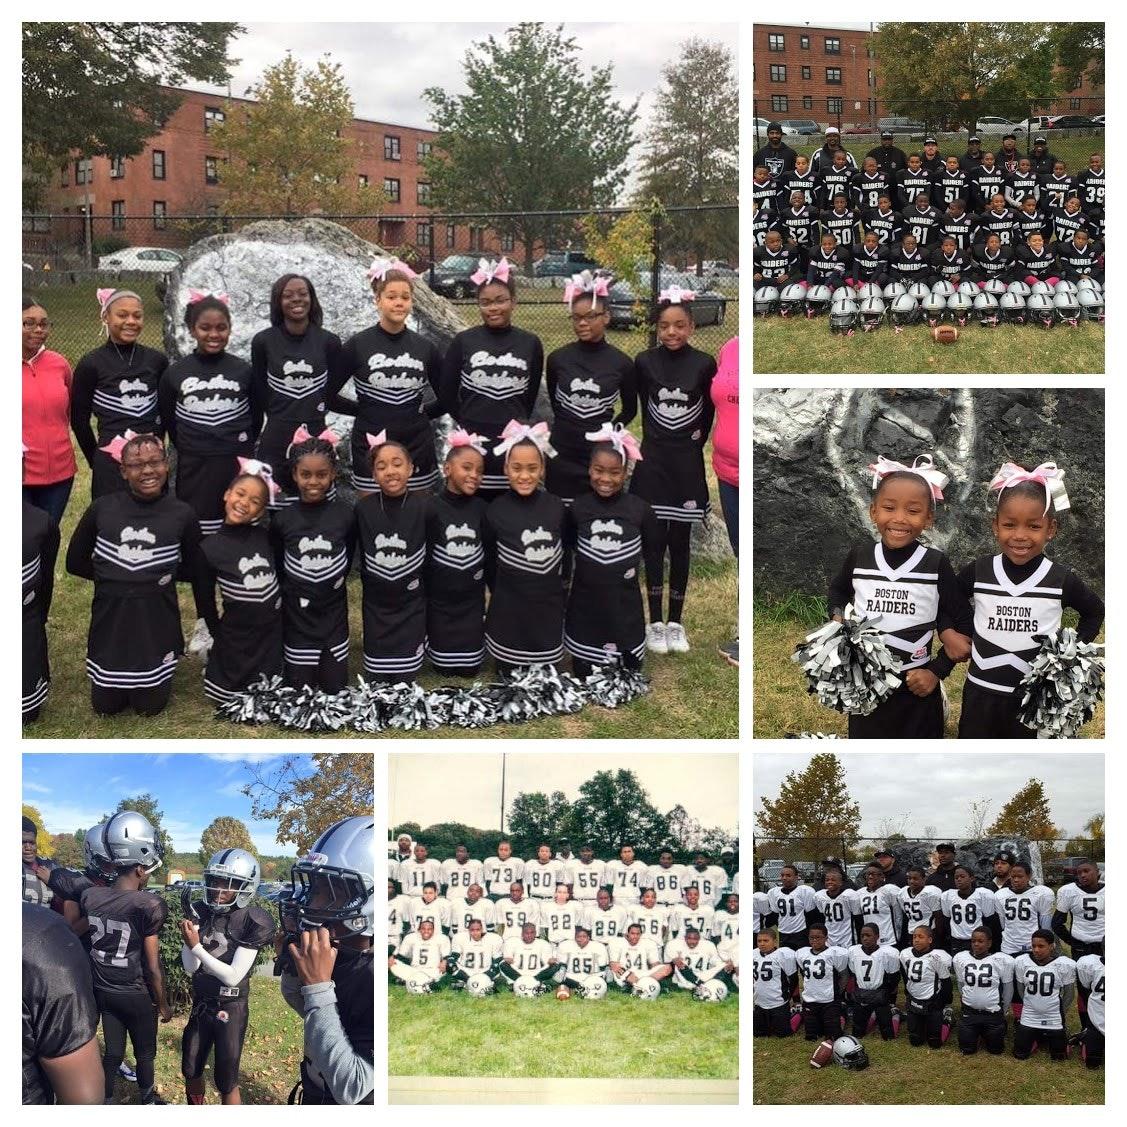 Boston Raiders Capital Campaign